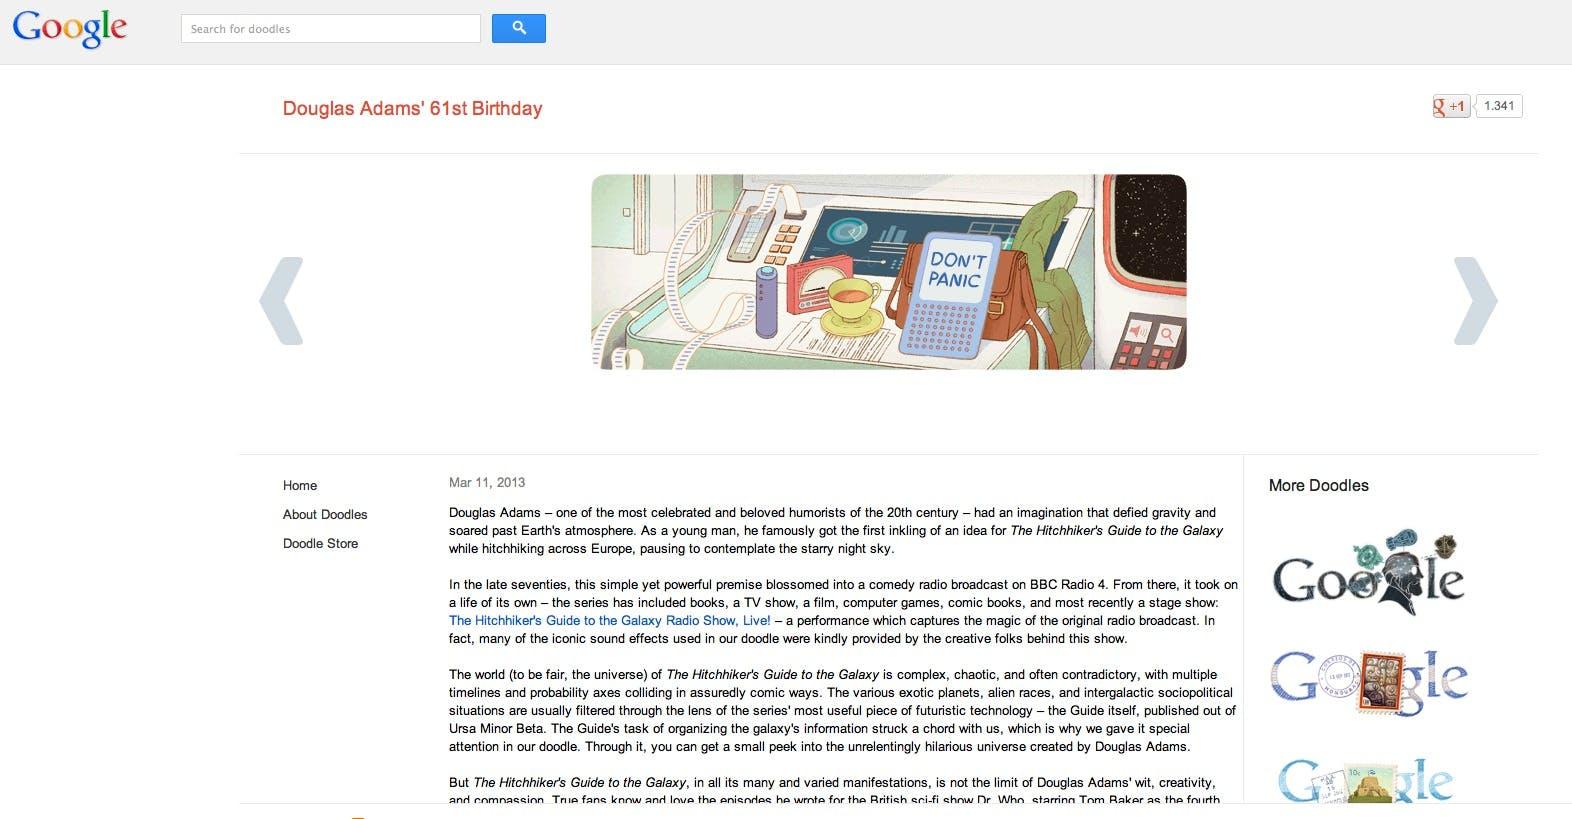 Das interaktive Google Doodle anlässlich des 61. Geburtstages von Douglas Adams Anfang 2013. Screenshot: Google